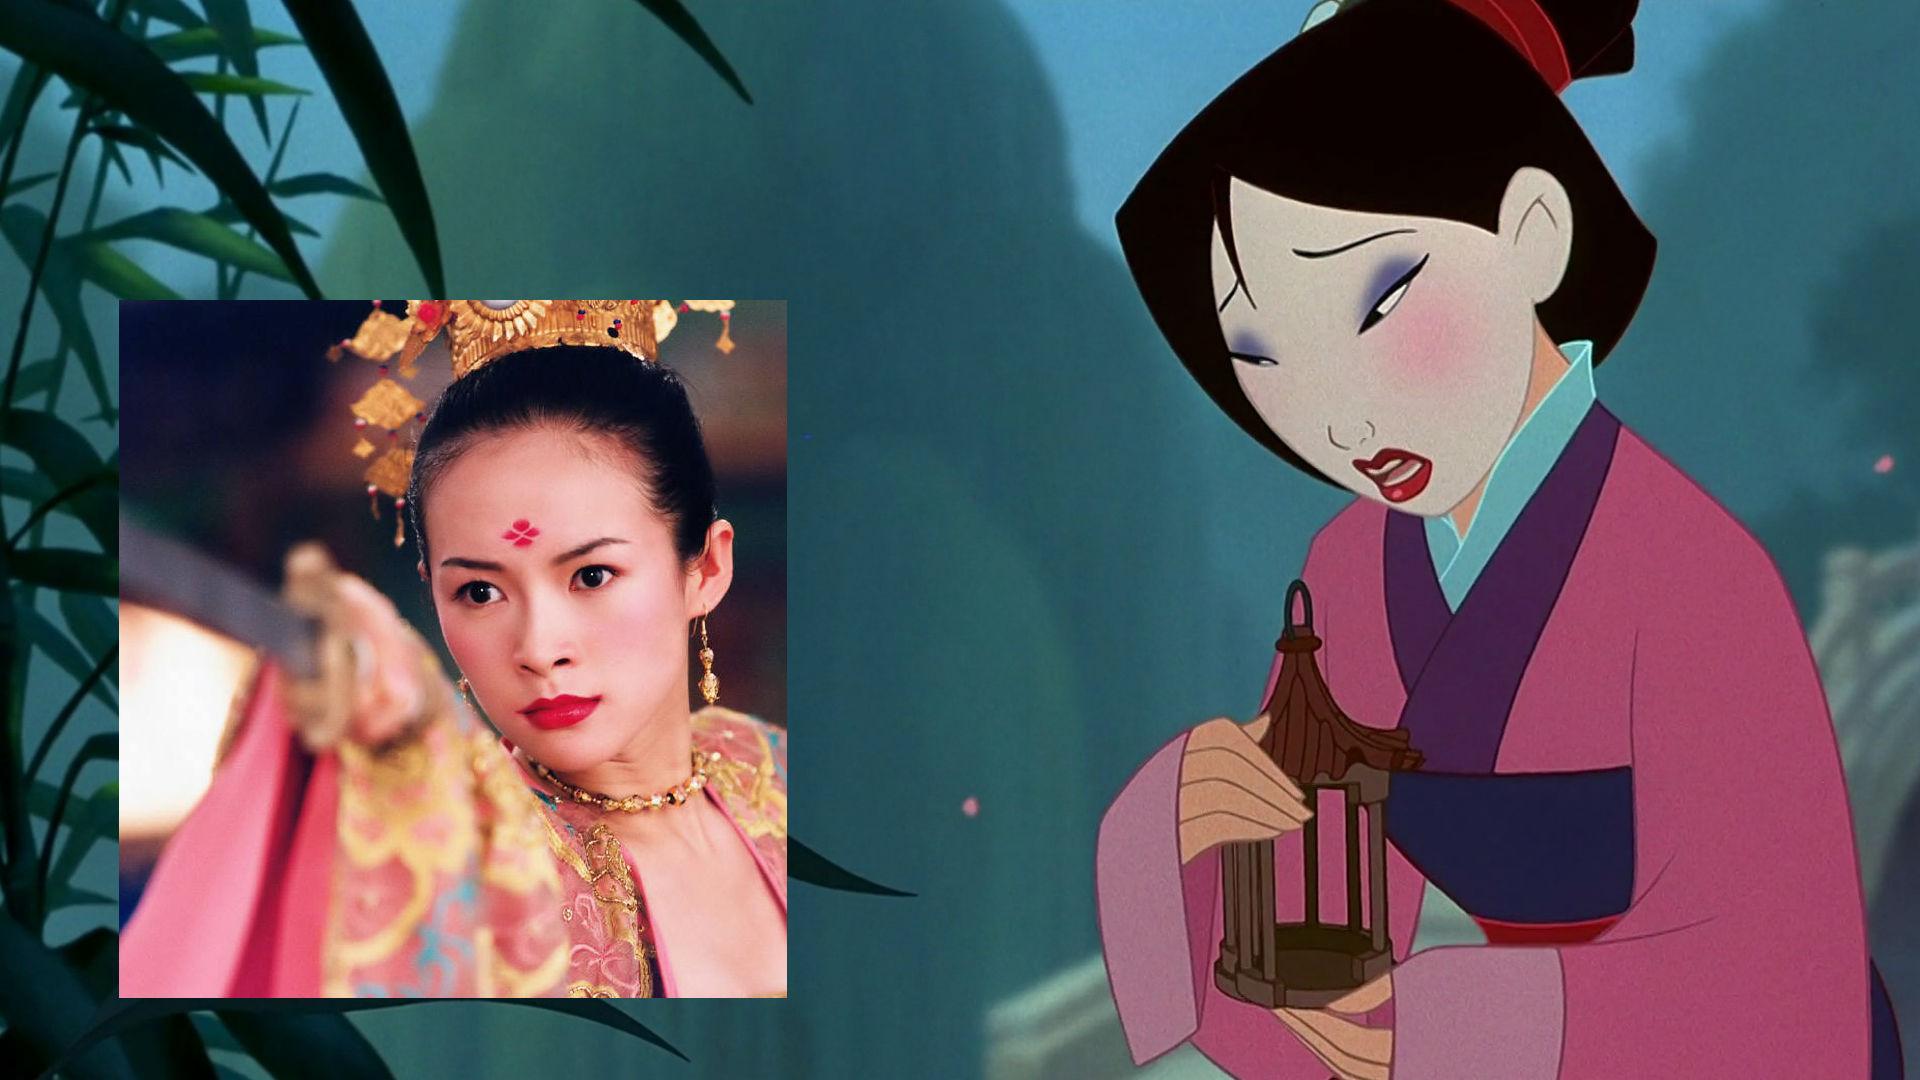 553b31a9 Topp 5: Disneyfilmer vi vil se i nye versjoner « NRK Filmpolitiet ...